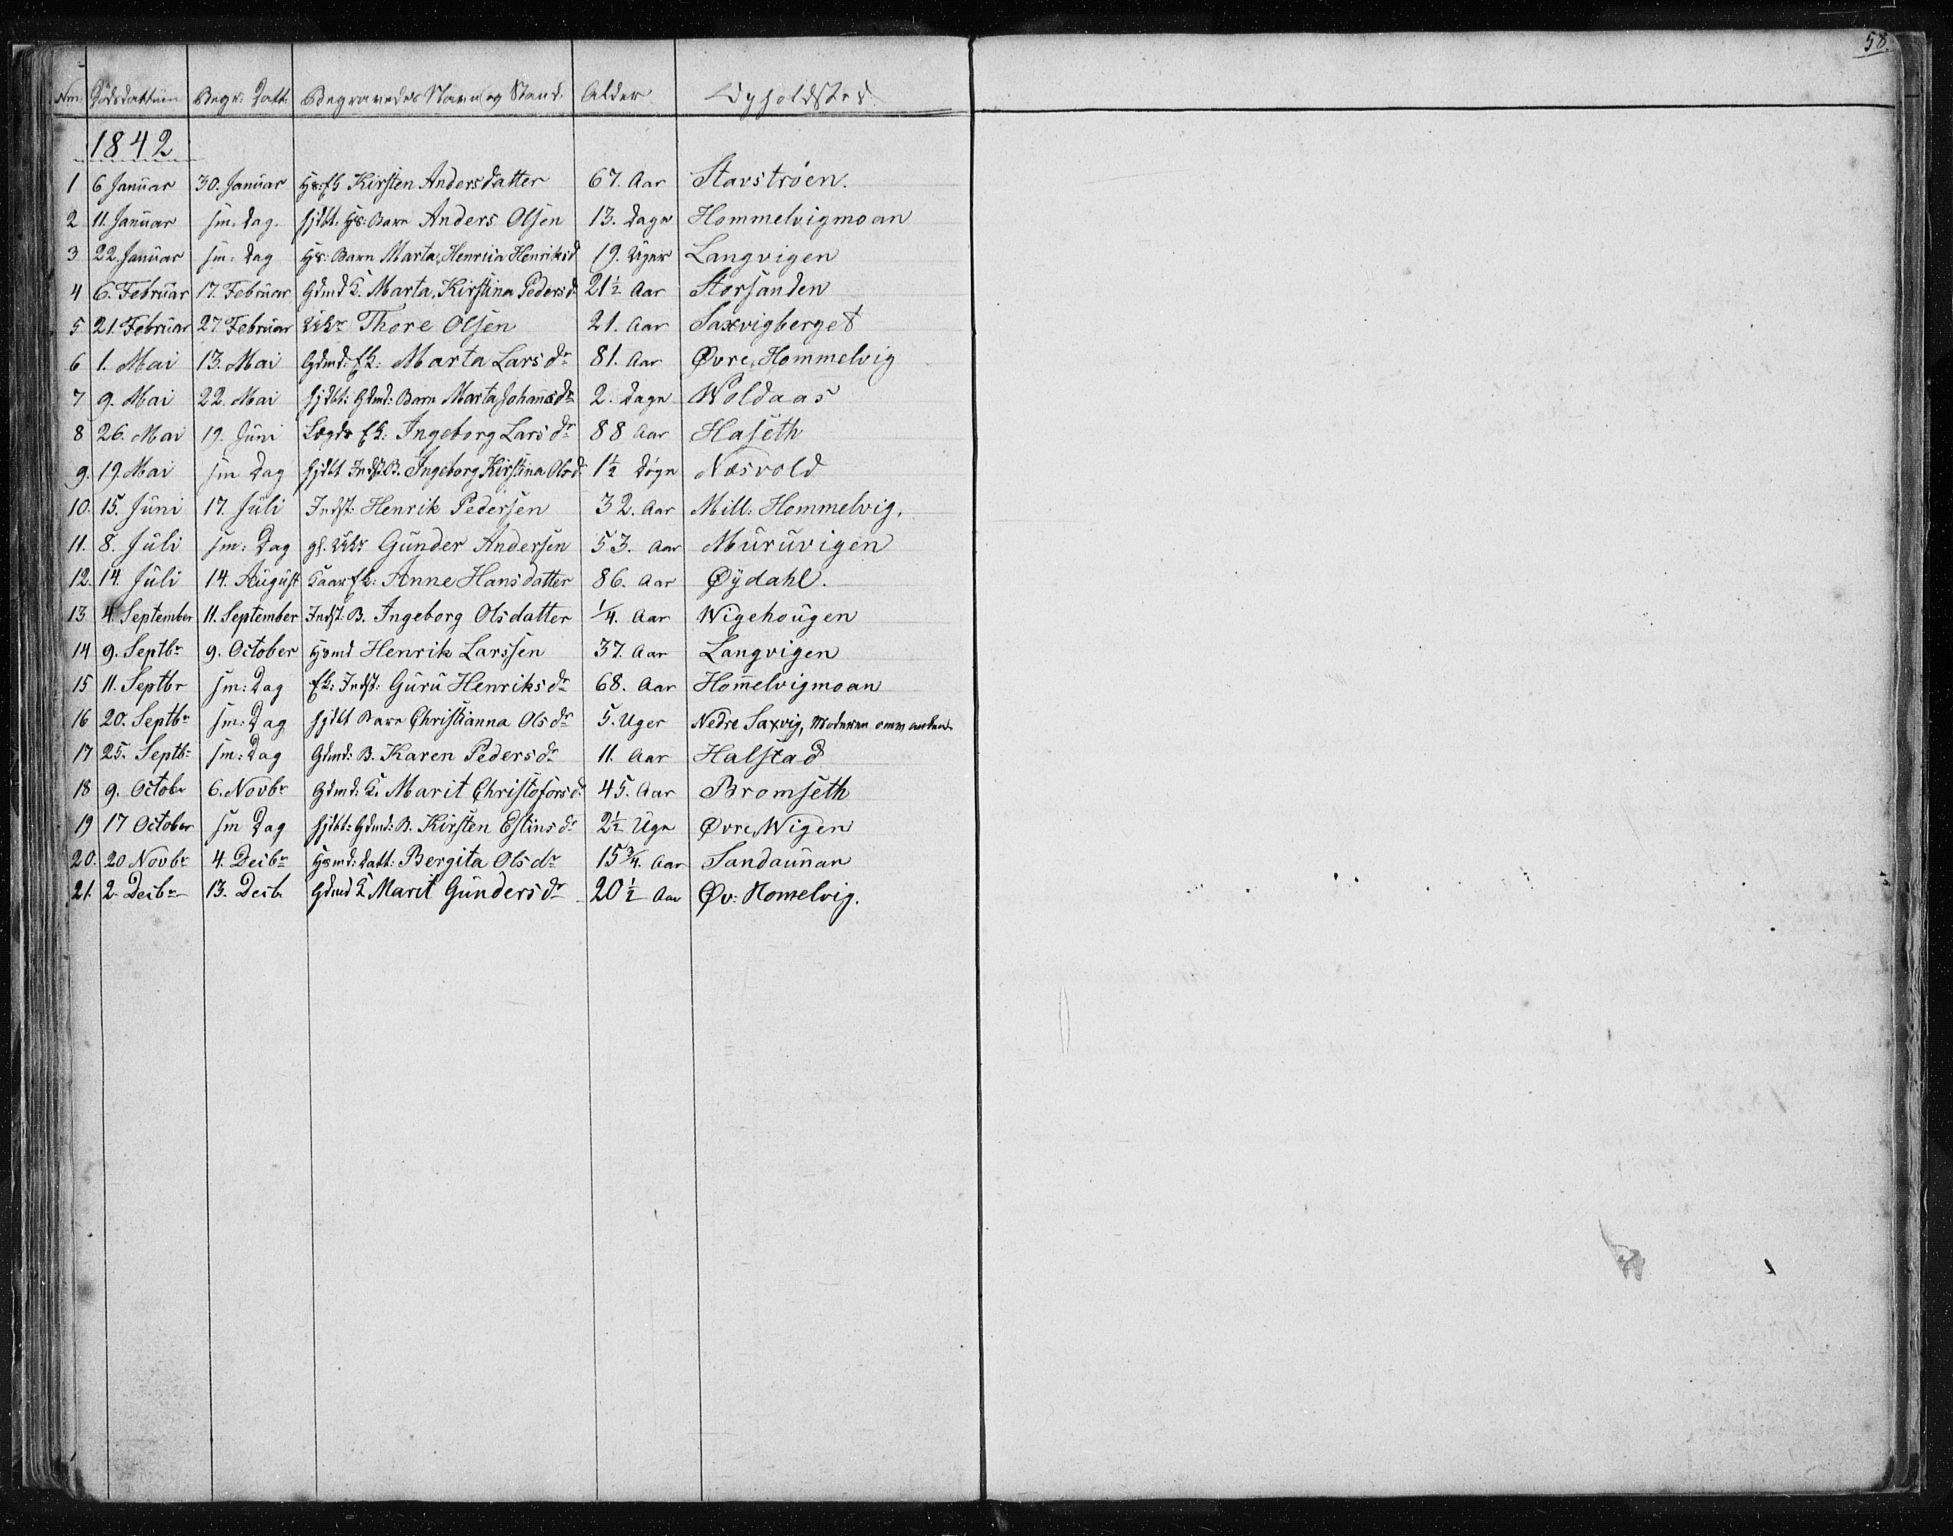 SAT, Ministerialprotokoller, klokkerbøker og fødselsregistre - Sør-Trøndelag, 616/L0405: Ministerialbok nr. 616A02, 1831-1842, s. 58